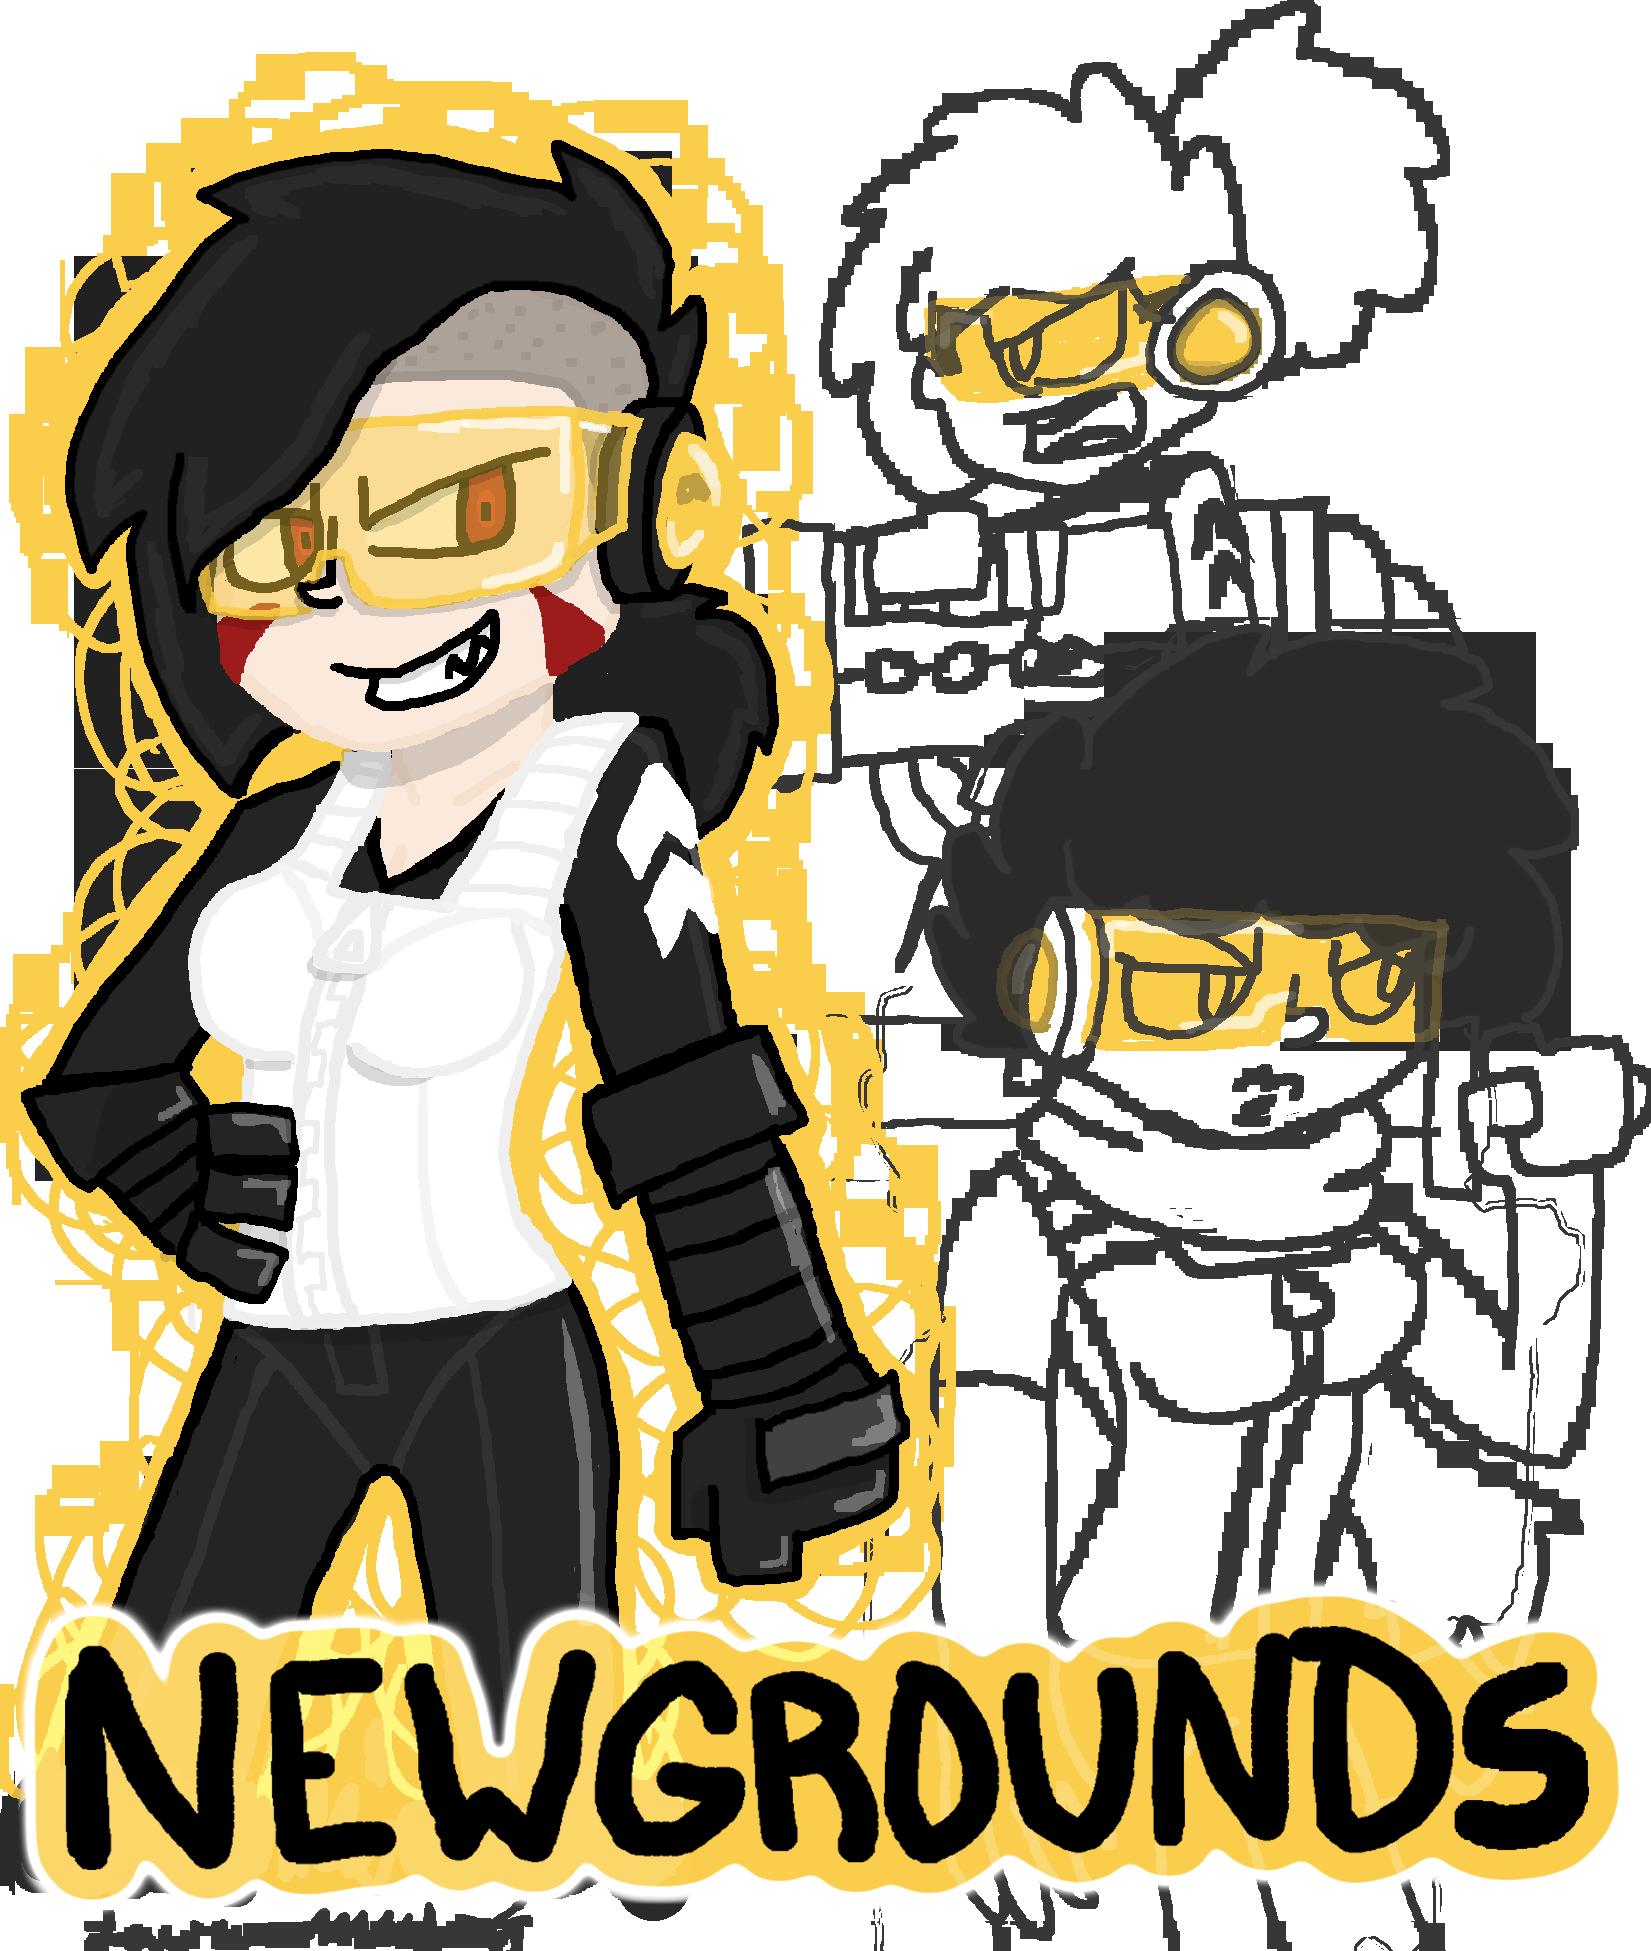 Newground's girls